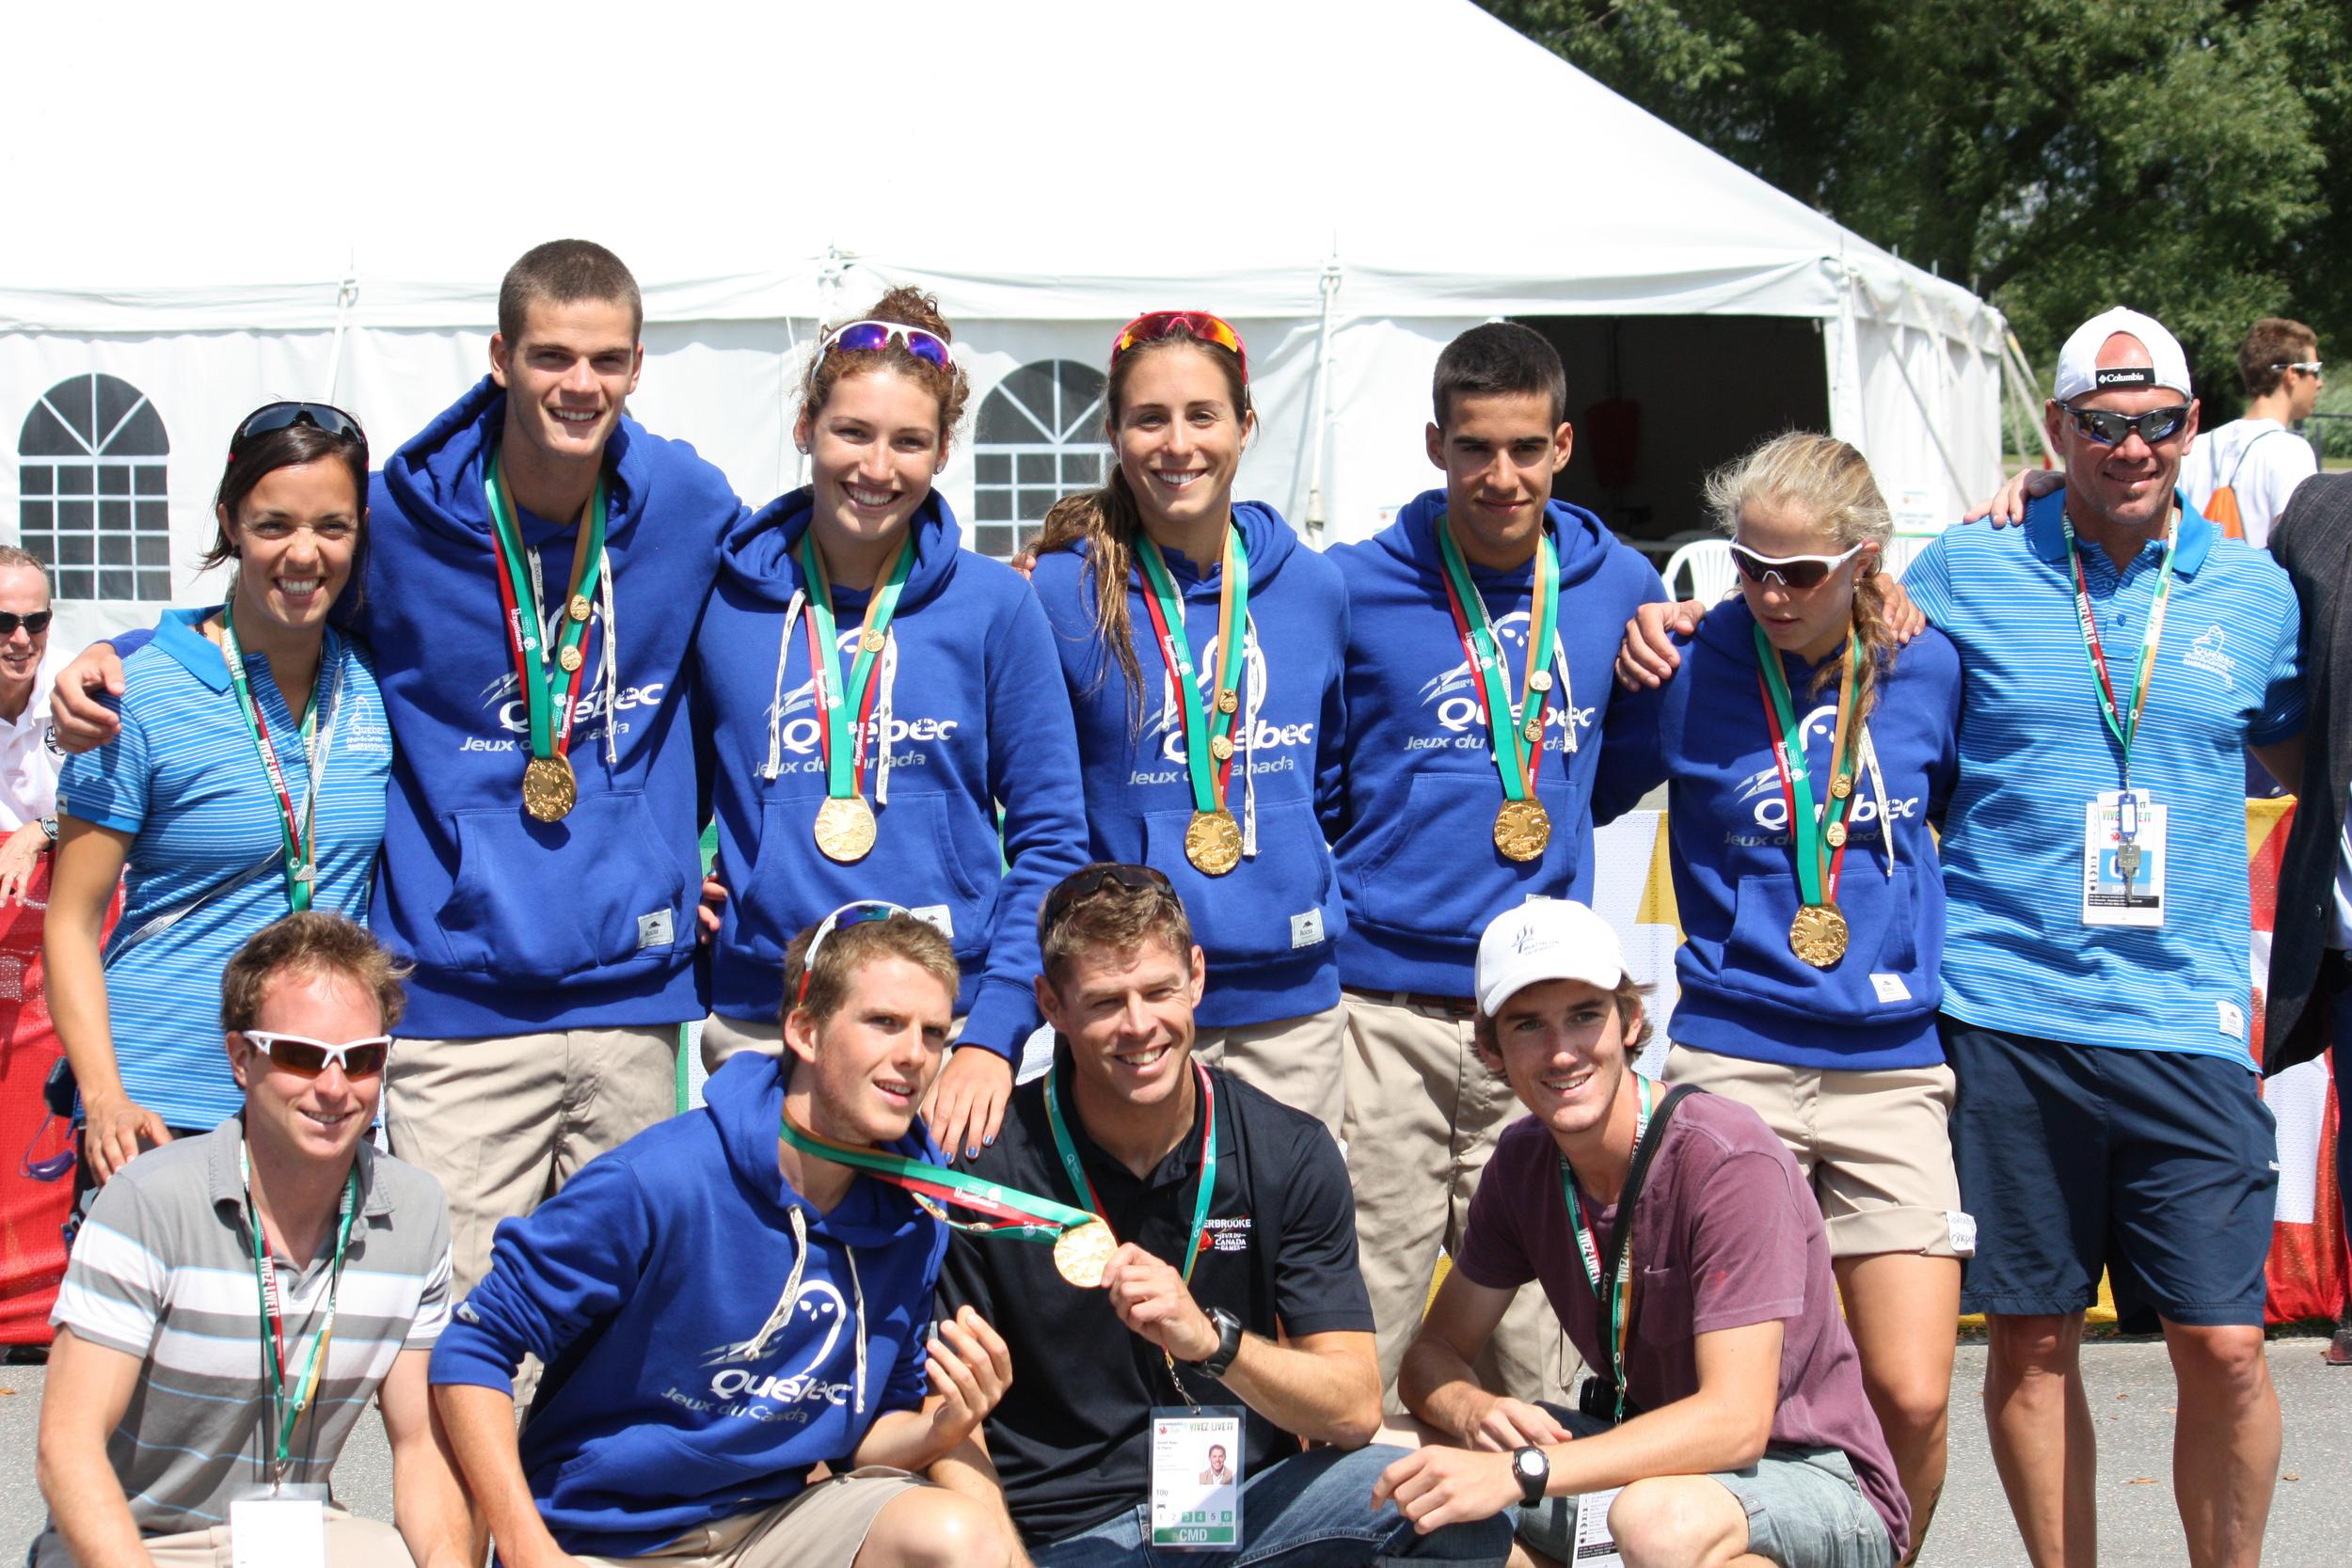 L'équipe du Québec en OR avec les coachs, Benoît-Hugo, Francis et Paul de TQ.